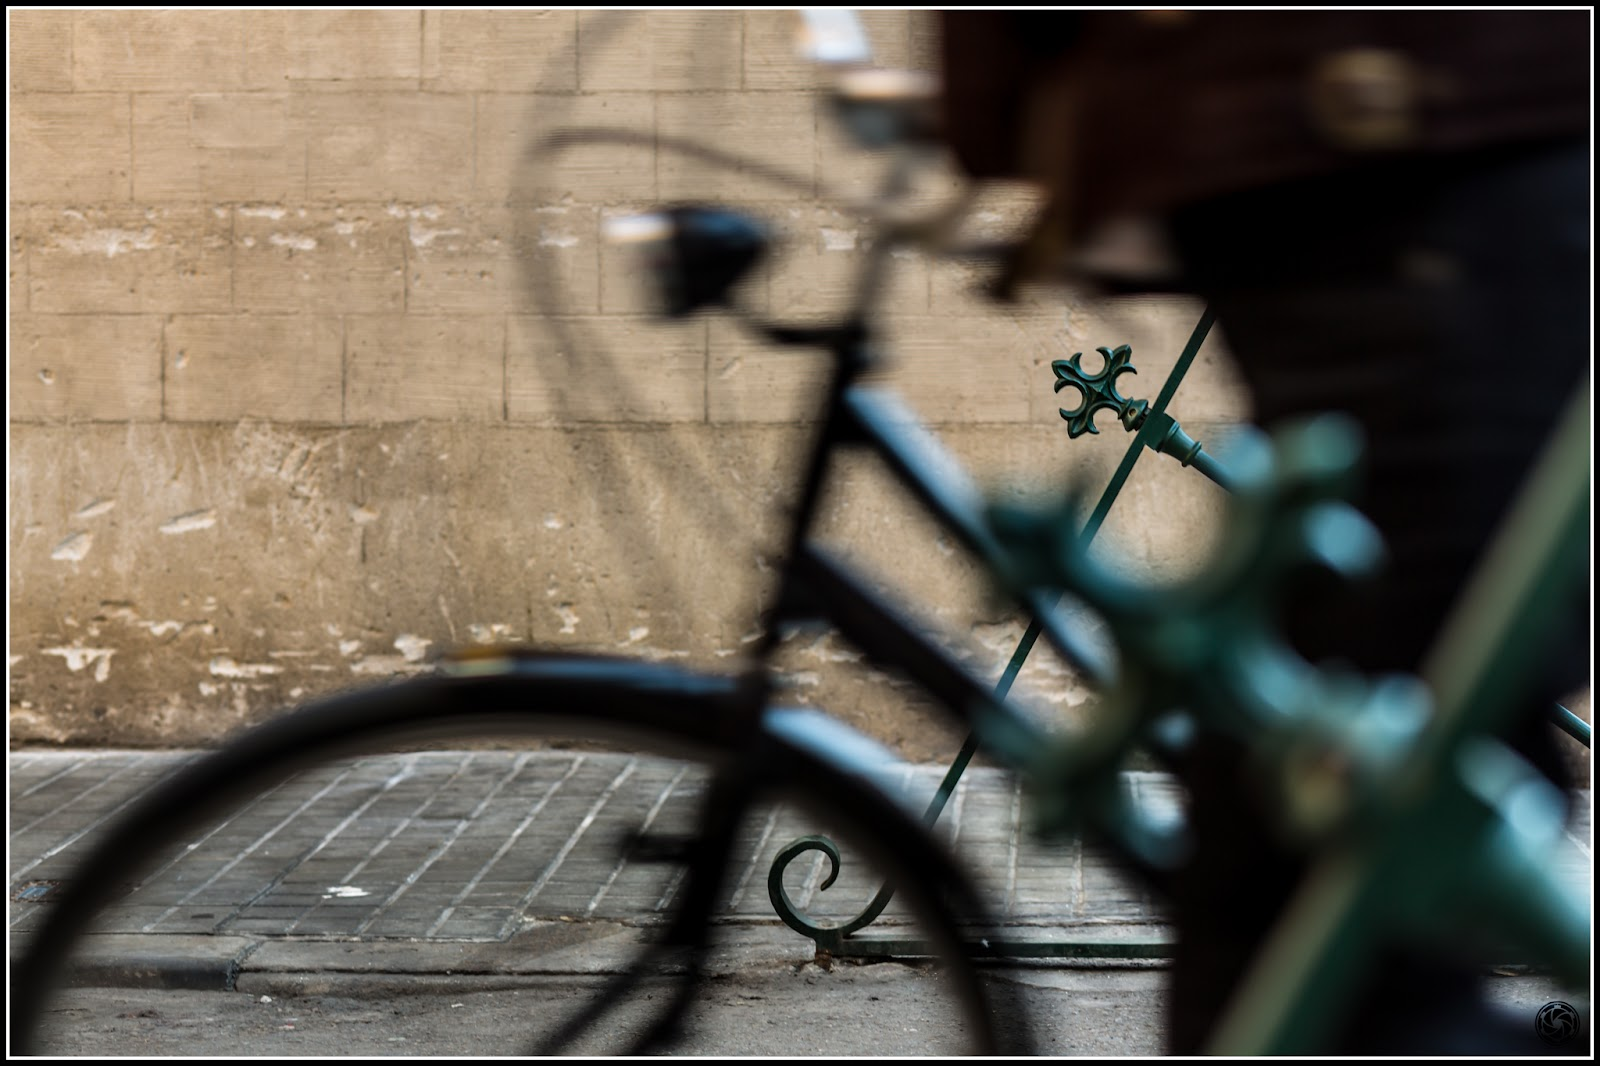 ... y, en medio, el tránsito :: Canon EOS 5D MkIII | ISO100 | Canon 85mm | f/4.0 | 1/50s